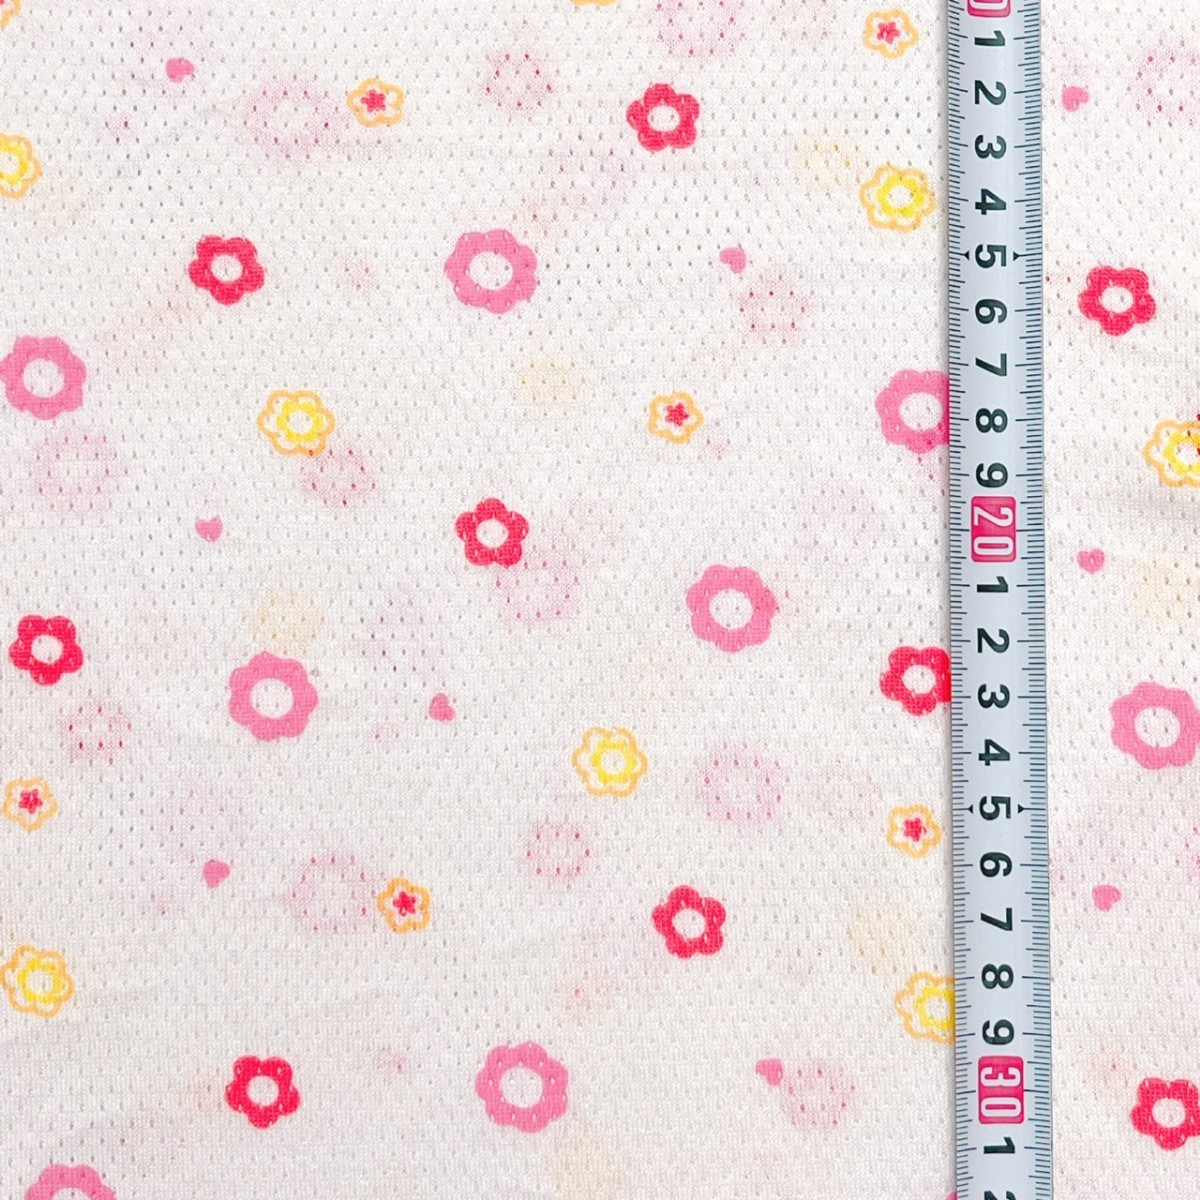 花柄 ピンク コットンメッシュニット 150×100cm 生地 布 ハギレ はぎれ ハンドメイド ニット生地 コットン